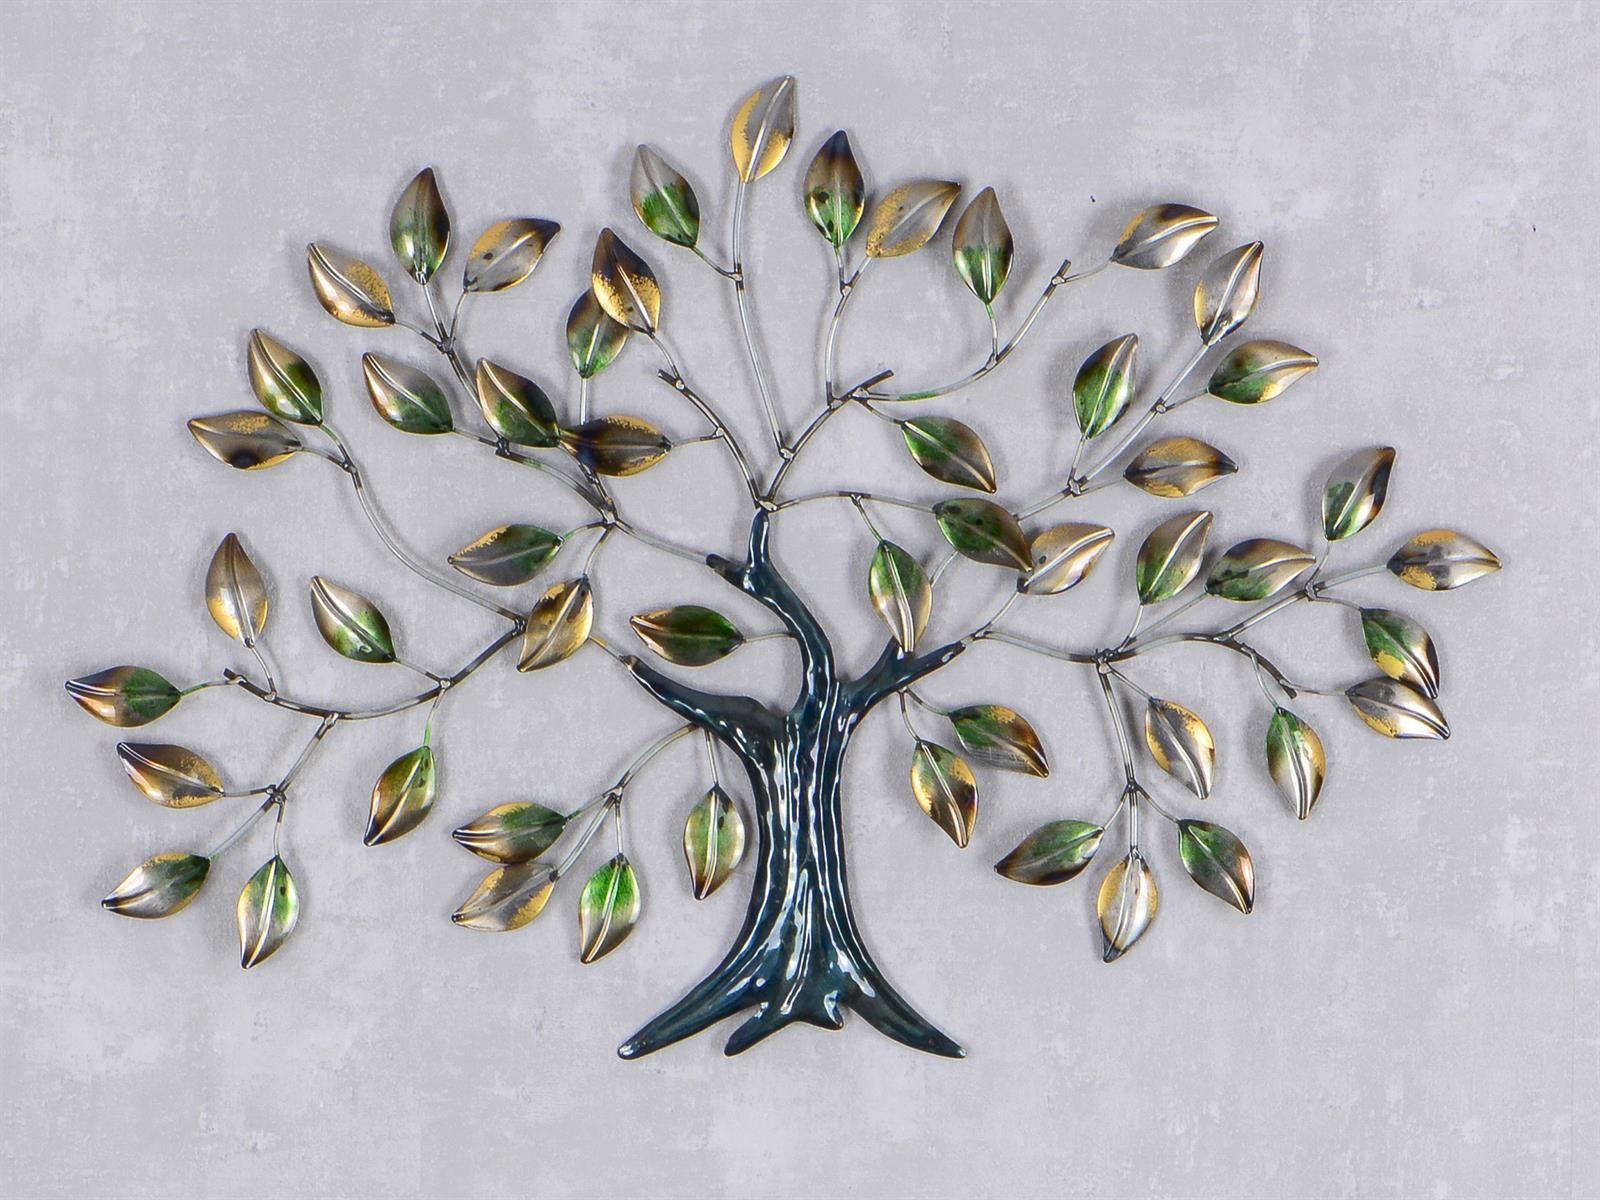 WAND DEKO Baum   Blätter Aus Metall Breite 67cm Höhe 45cm   Silber Bunt